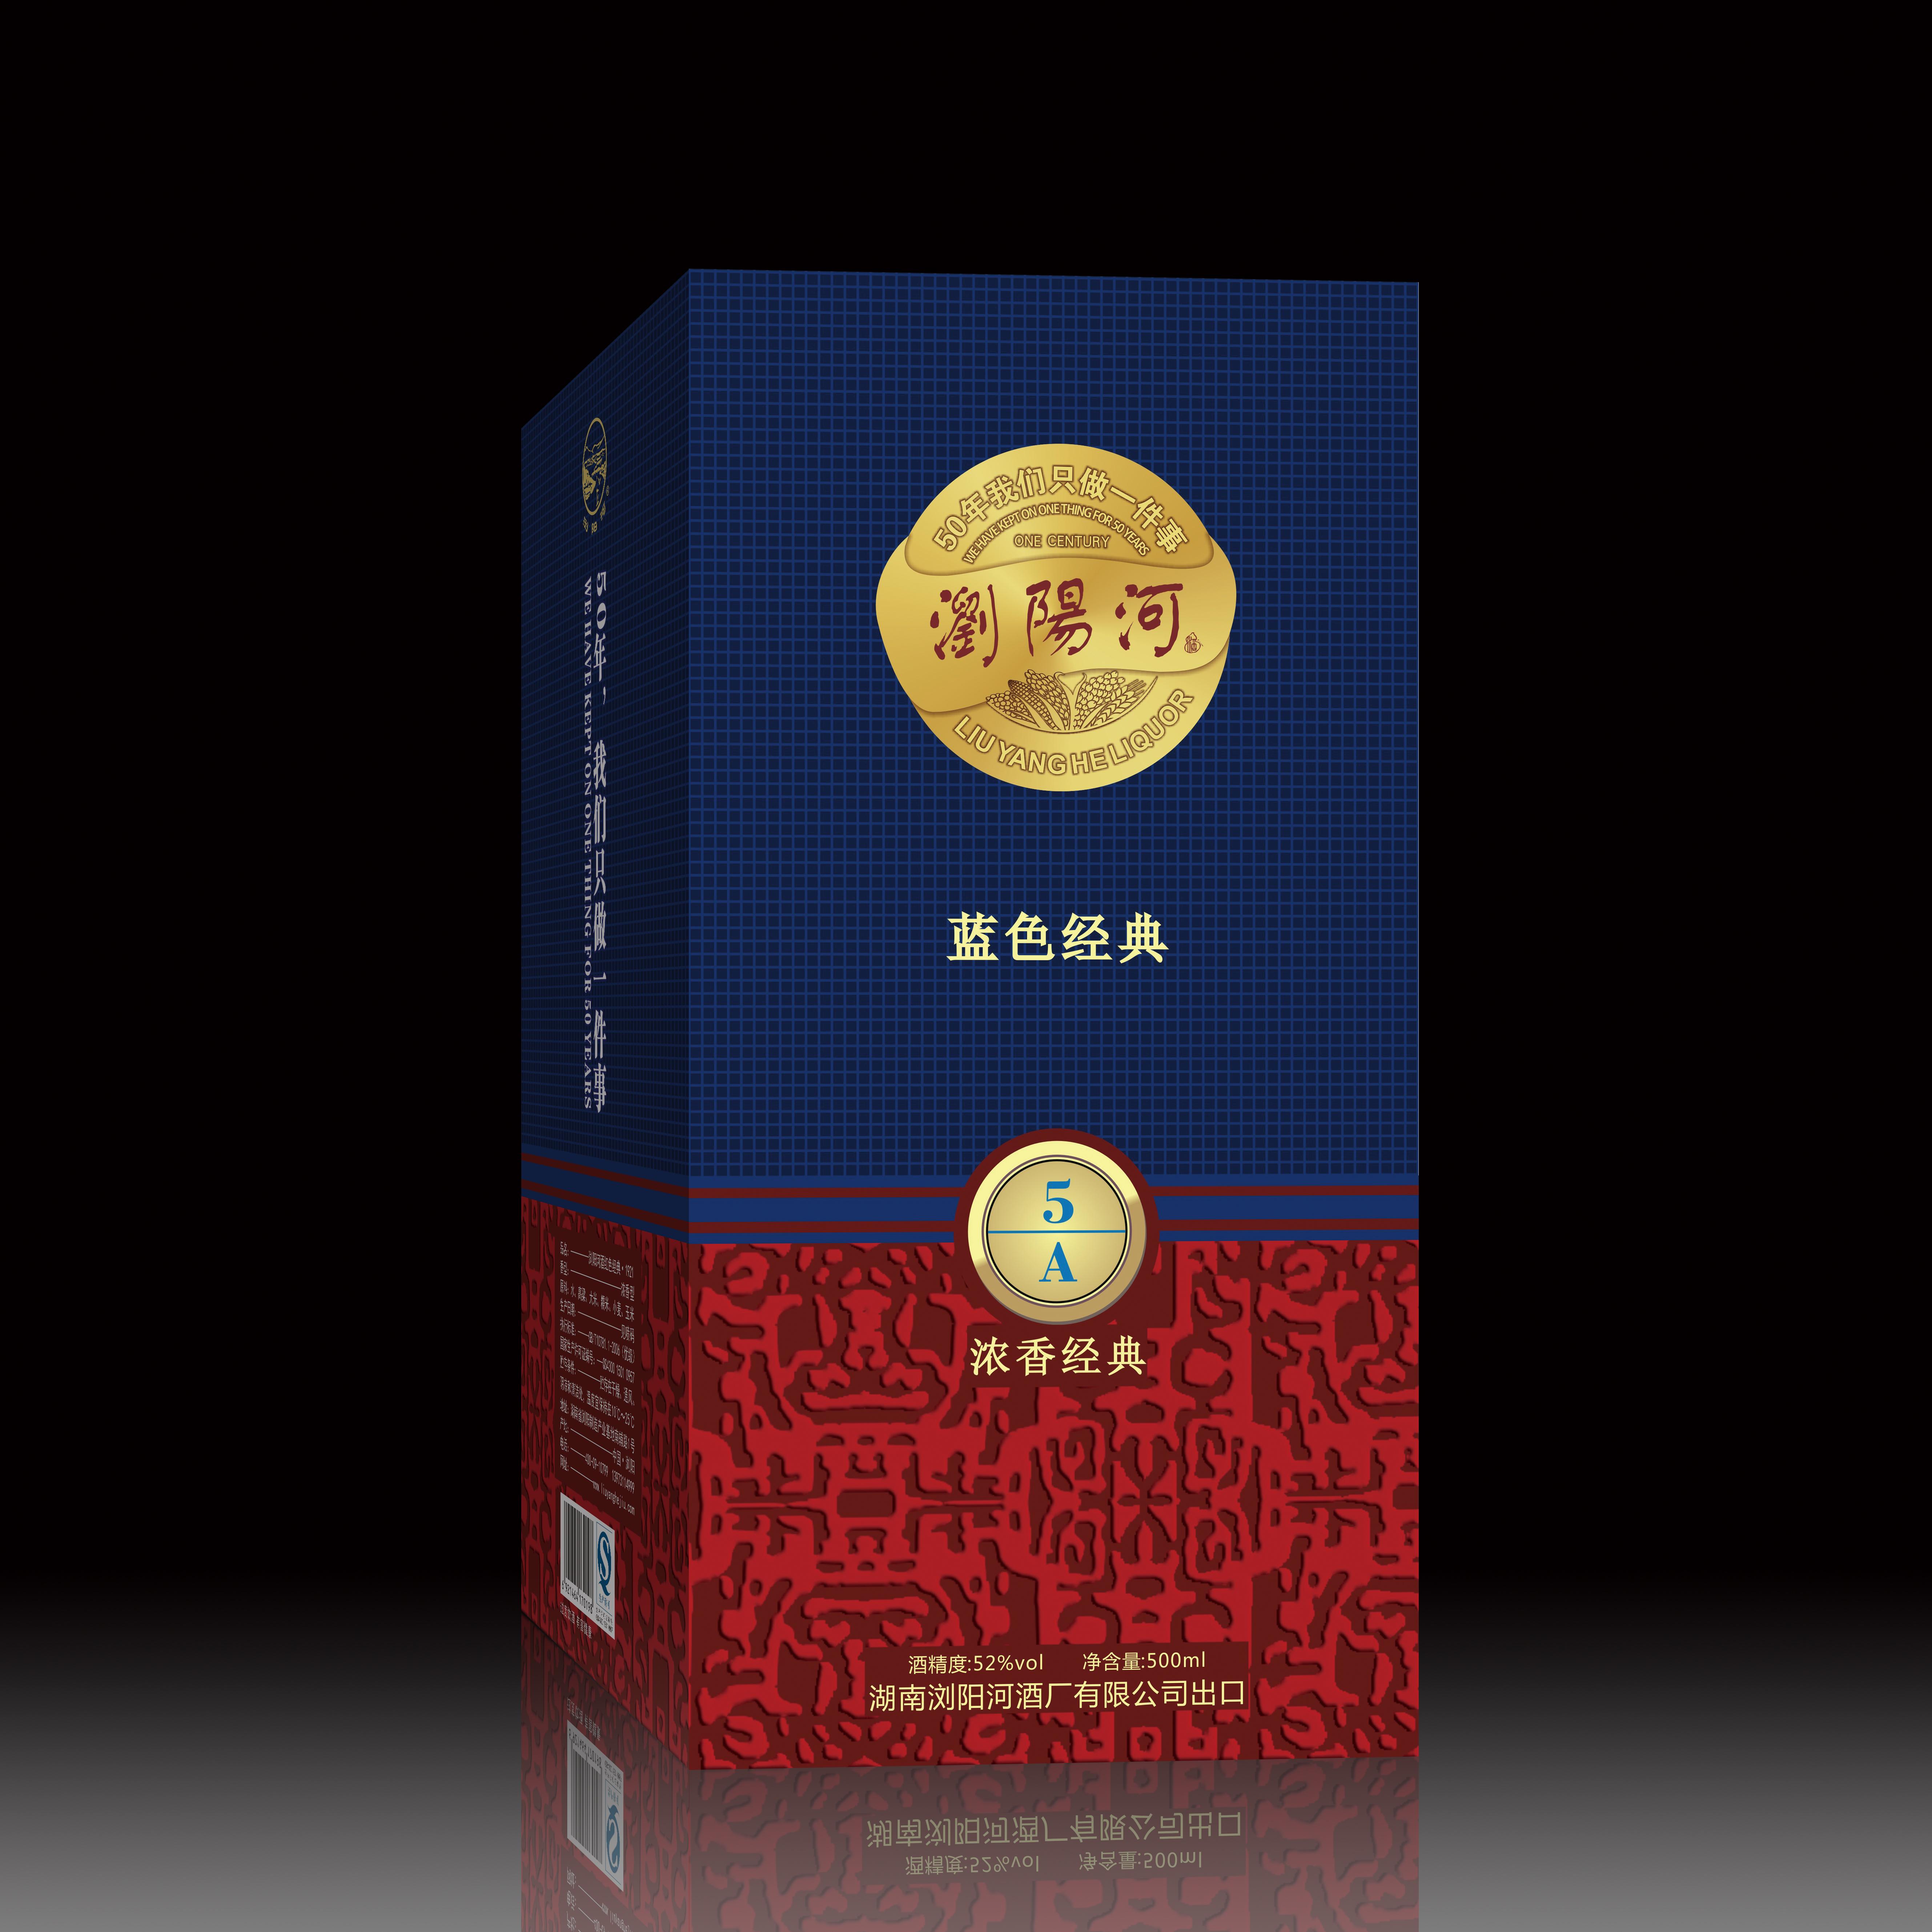 浏阳河酒蓝色经典系列包装